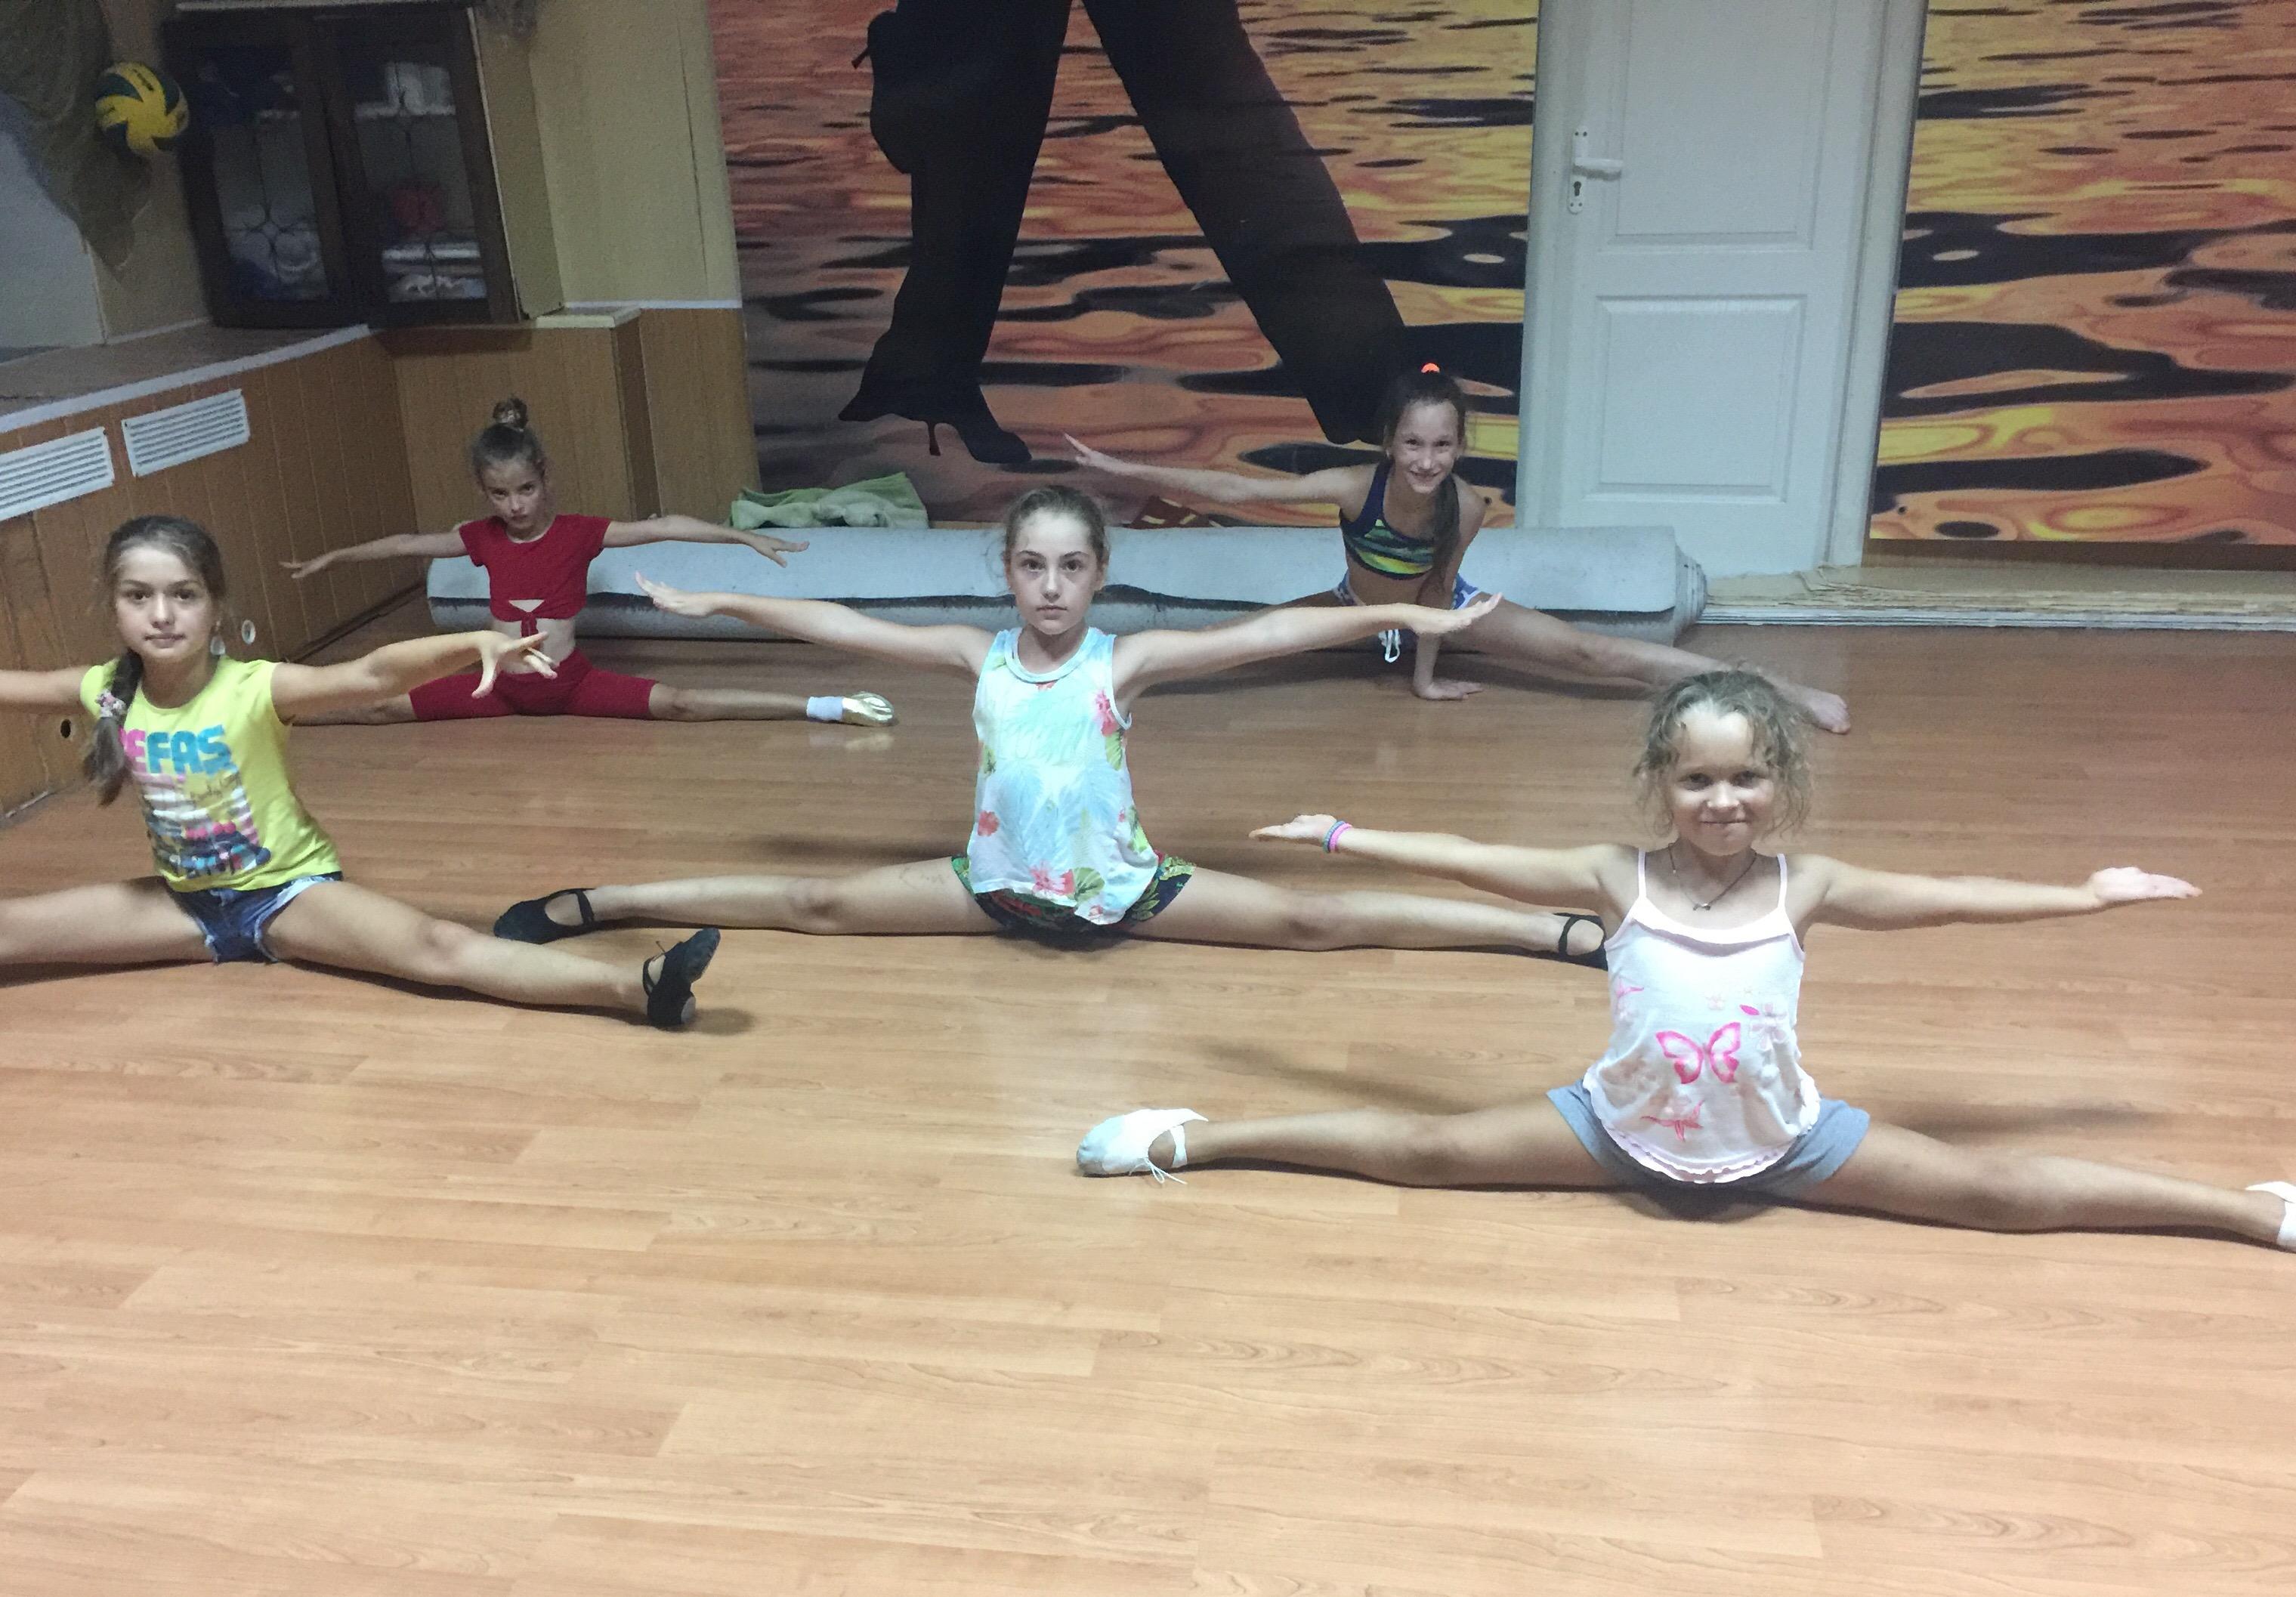 «Хореография» группа общей хореографической подготовки без ограничения возраста